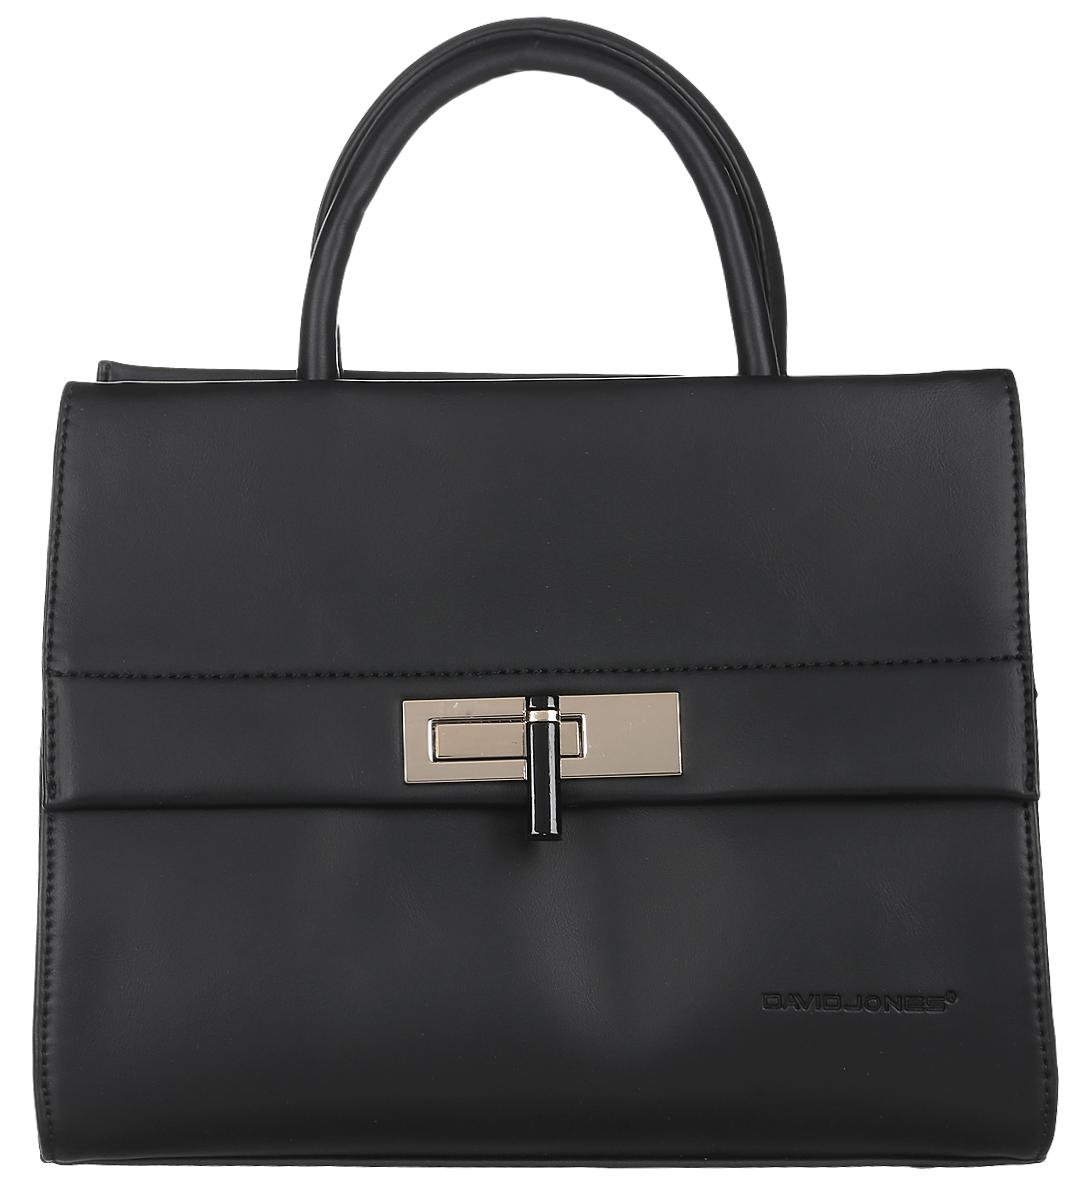 Сумка женская David Jones, цвет: черный. 5280-23-47670-00504Стильная женская сумка David Jones выполнена из искусственной кожи и текстиля. Изделие имеет одно основное отделение, которое закрывается на застежку-молнию. Внутри находятся прорезной карман на застежке-молнии и два накладных открытых кармана. Снаружи, на передней стенке расположен накладной карман, закрывающийся на клапан с поворотным замком, на задней стенке - прорезной карман на застежке-молнии. Изделие оснащено двумя удобными ручками. В комплект входит съемный регулируемый наплечный ремень.Основание изделия защищено от повреждений металлическими ножками.Роскошная сумка внесет элегантные нотки в ваш образ и подчеркнет ваше отменное чувство стиля.